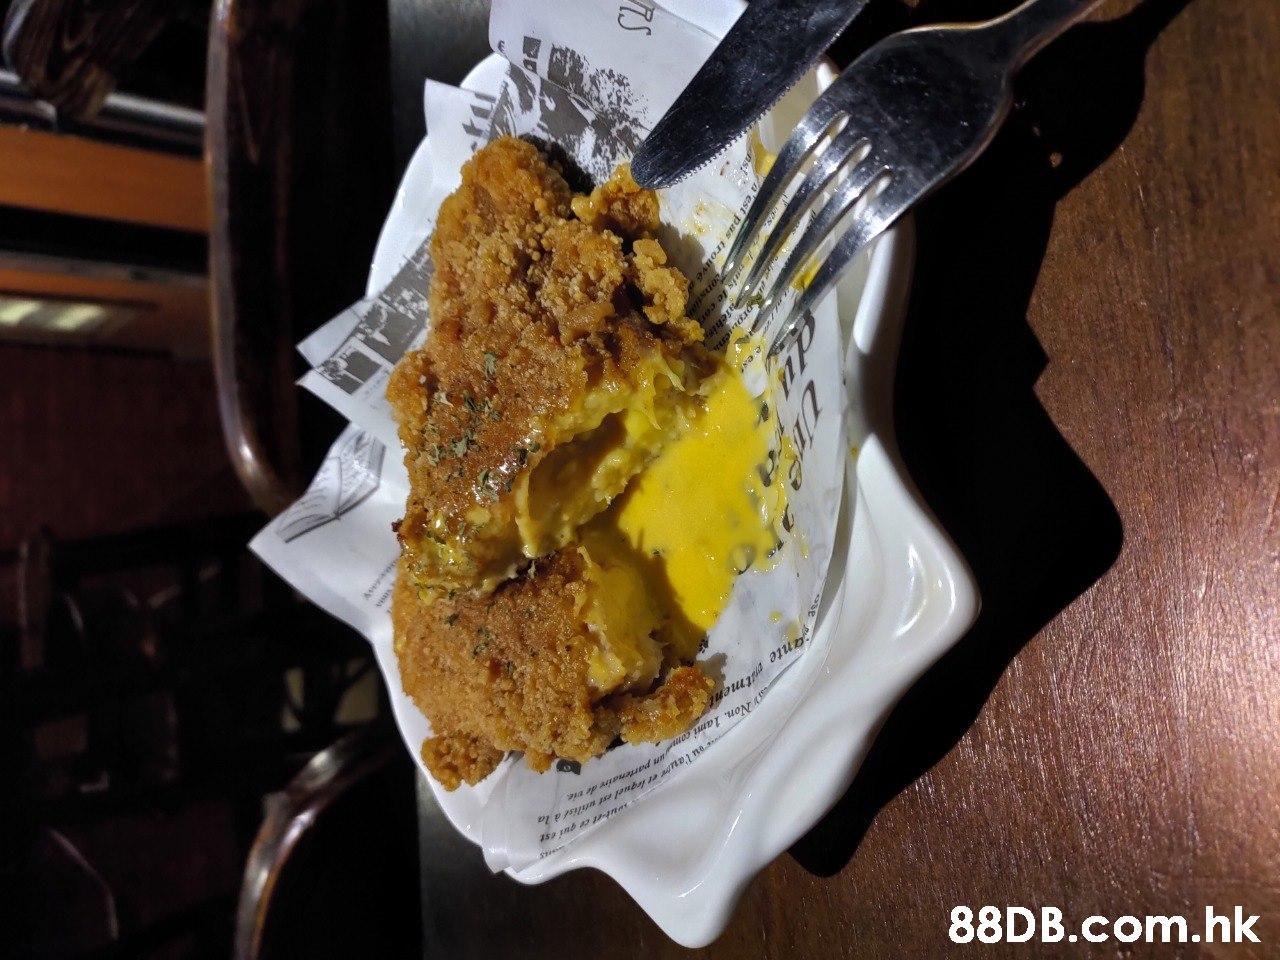 ante tment .hk  Food,Dish,Cuisine,Ingredient,Dessert